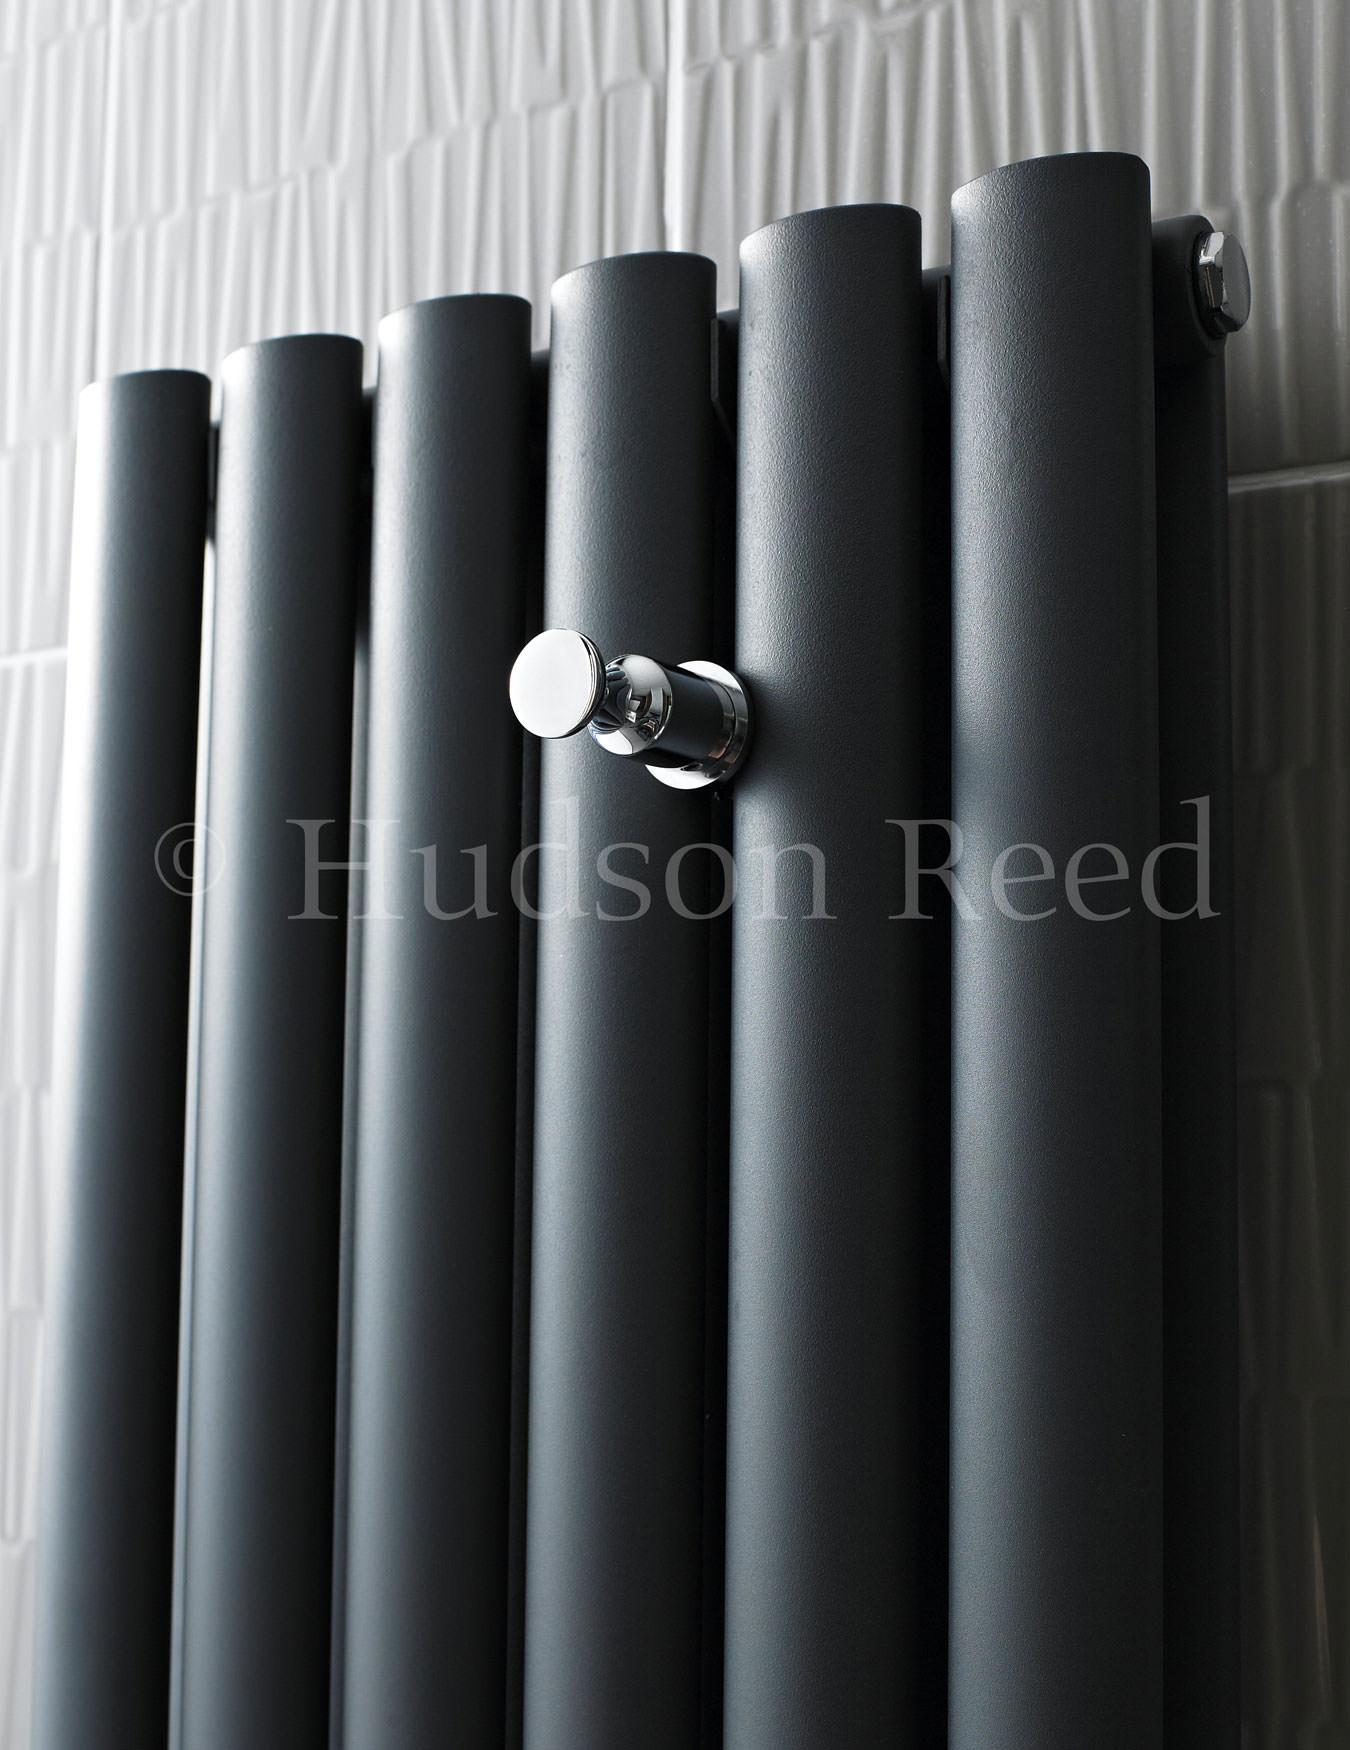 hudson reed revive radiator robe hook. Black Bedroom Furniture Sets. Home Design Ideas